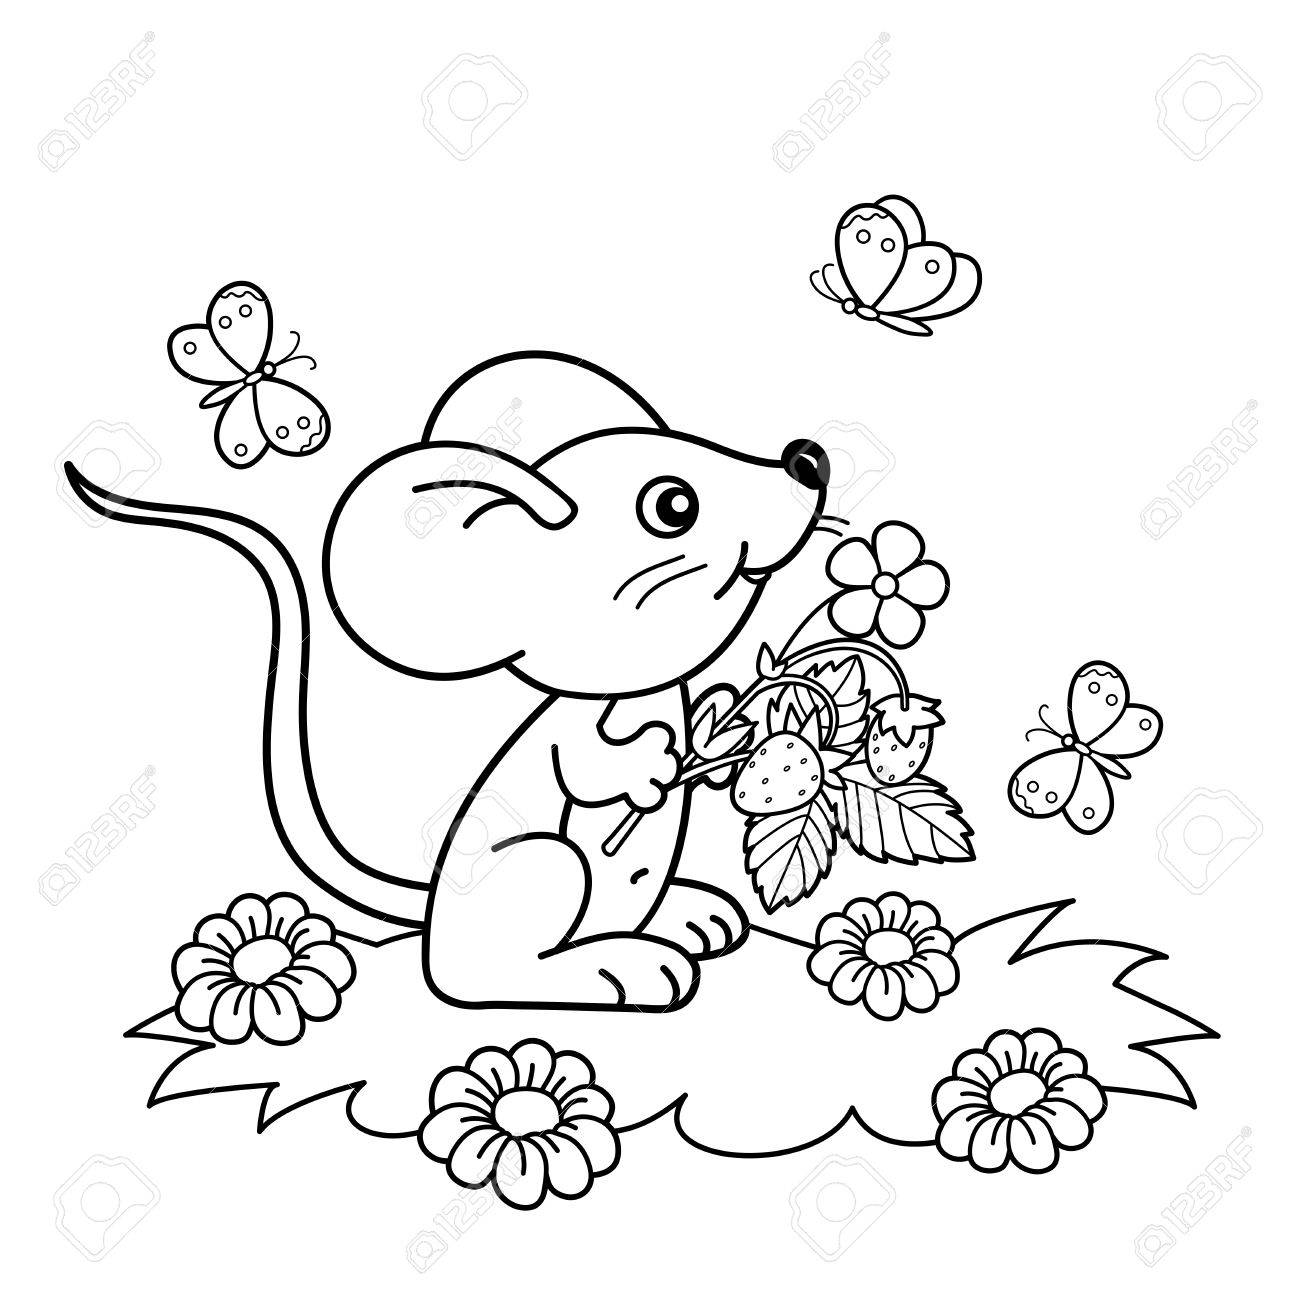 Página Para Colorear Esquema De Pequeño Ratón De Dibujos Animados